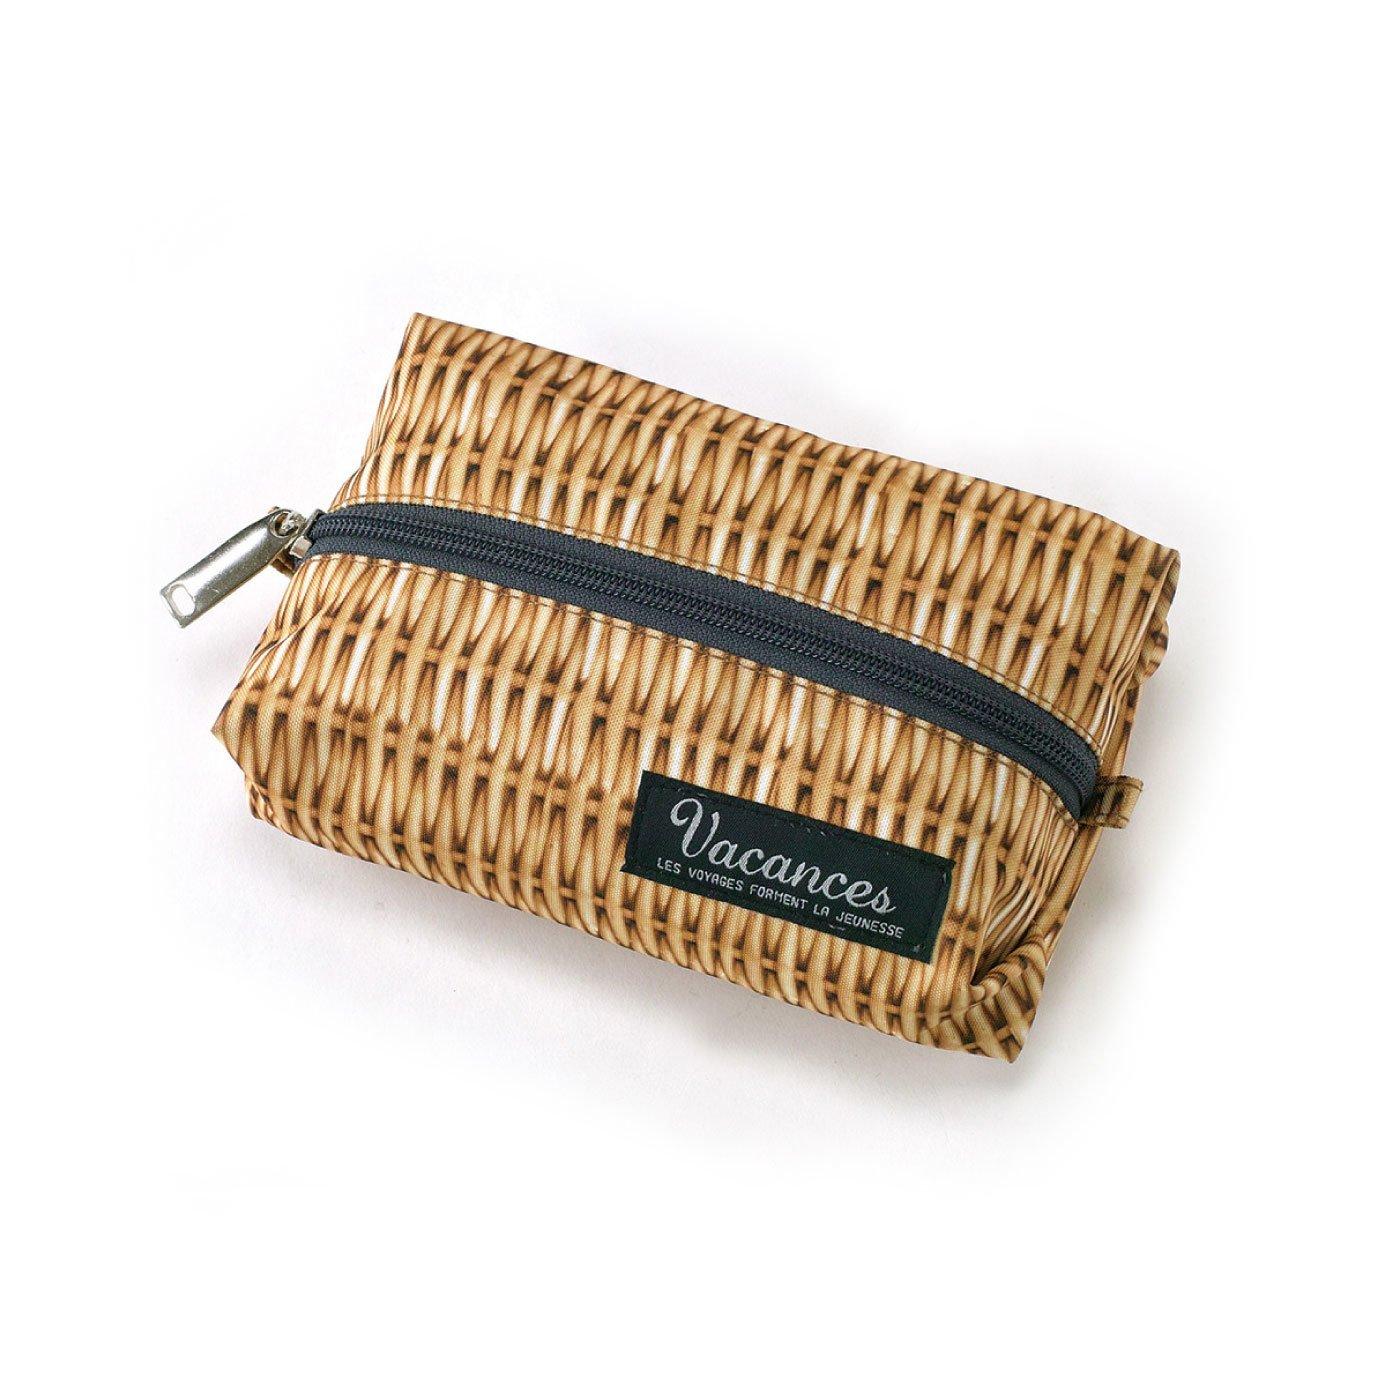 ピクニックの必需品ウェットティッシュケース